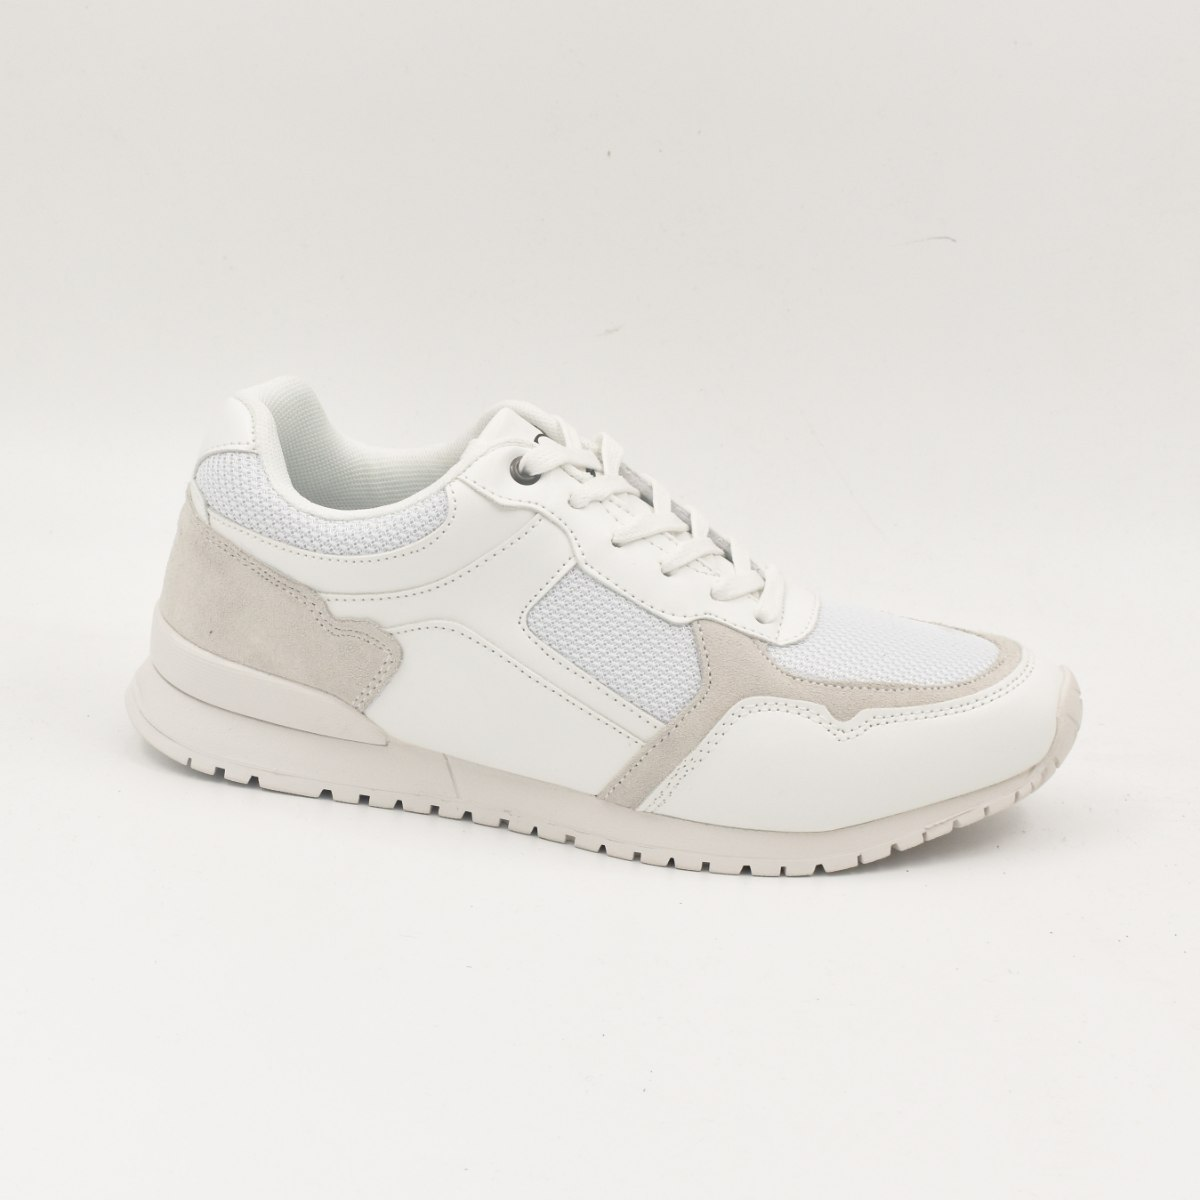 נעלי סניקרס לגברים - אוסטנד